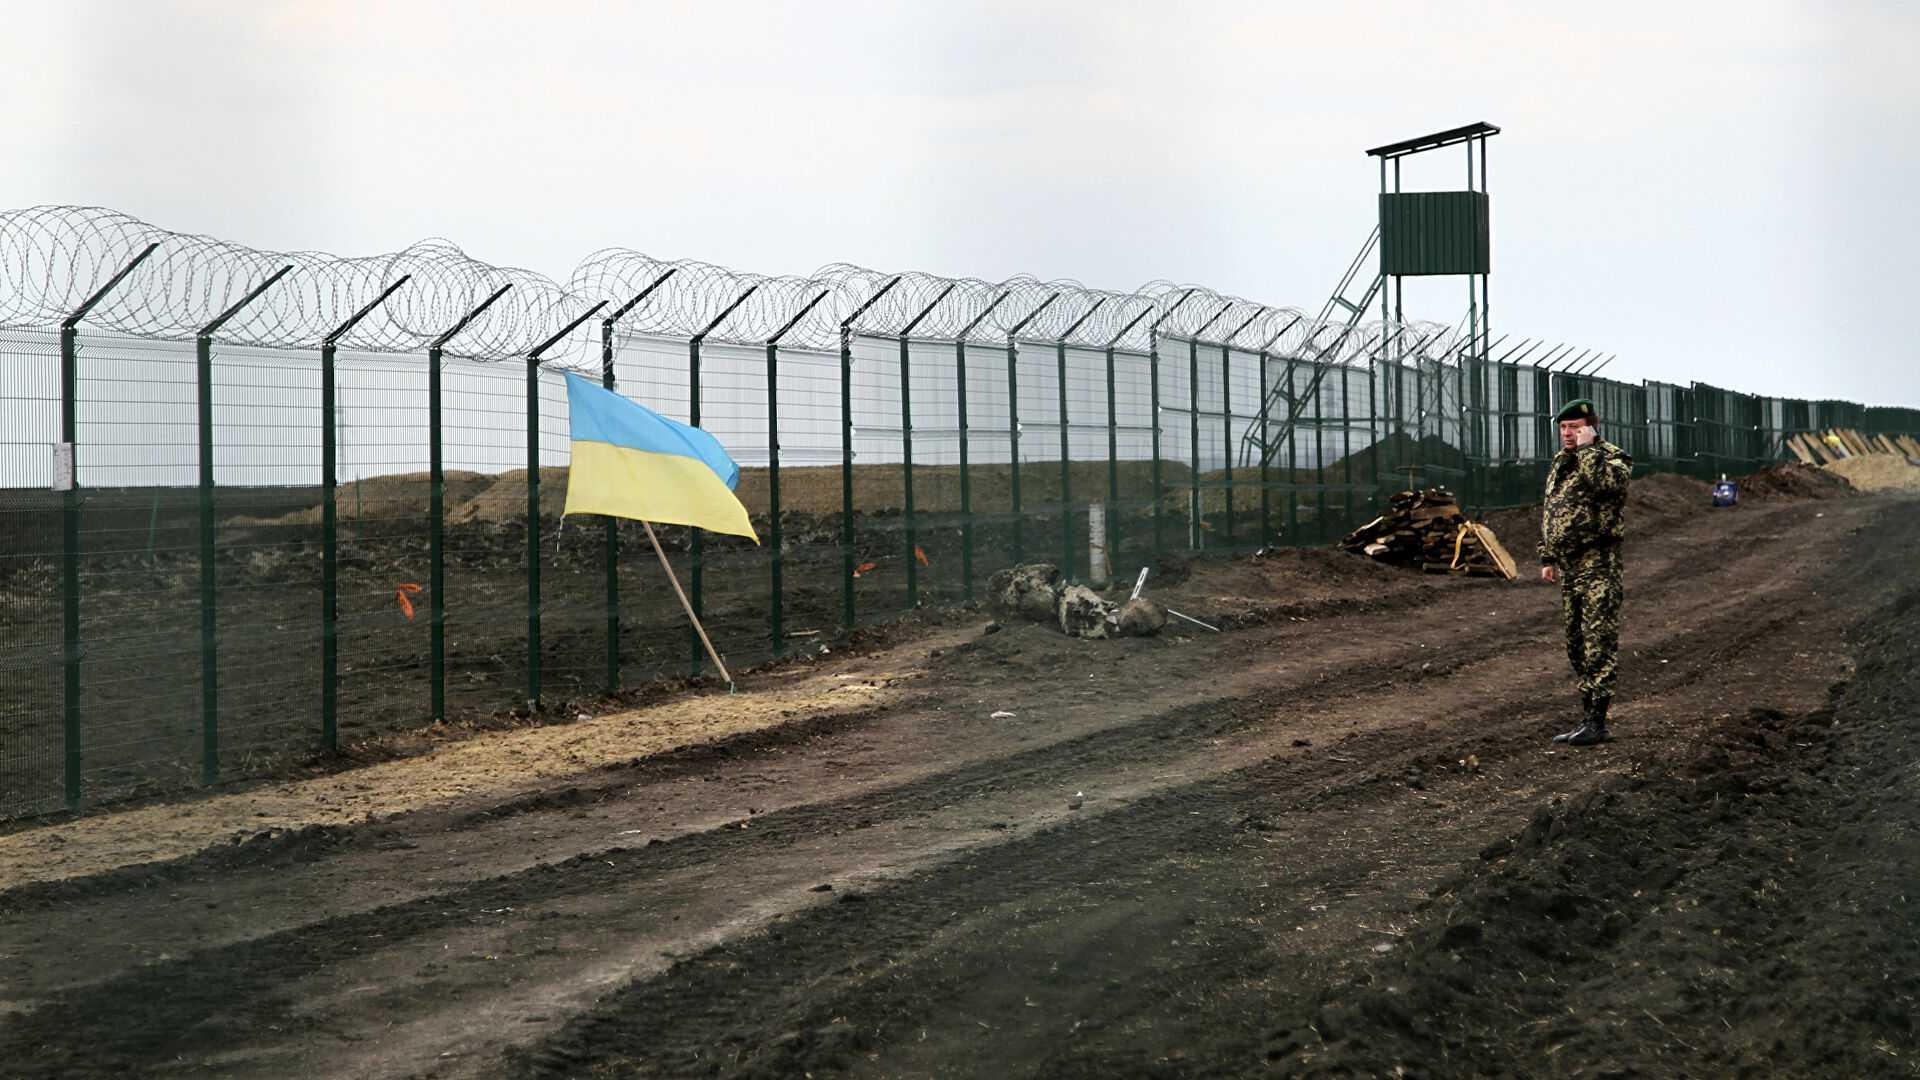 По заветам Трампа: на Украине задумались о создании заборов на границе с Россией и Беларусью